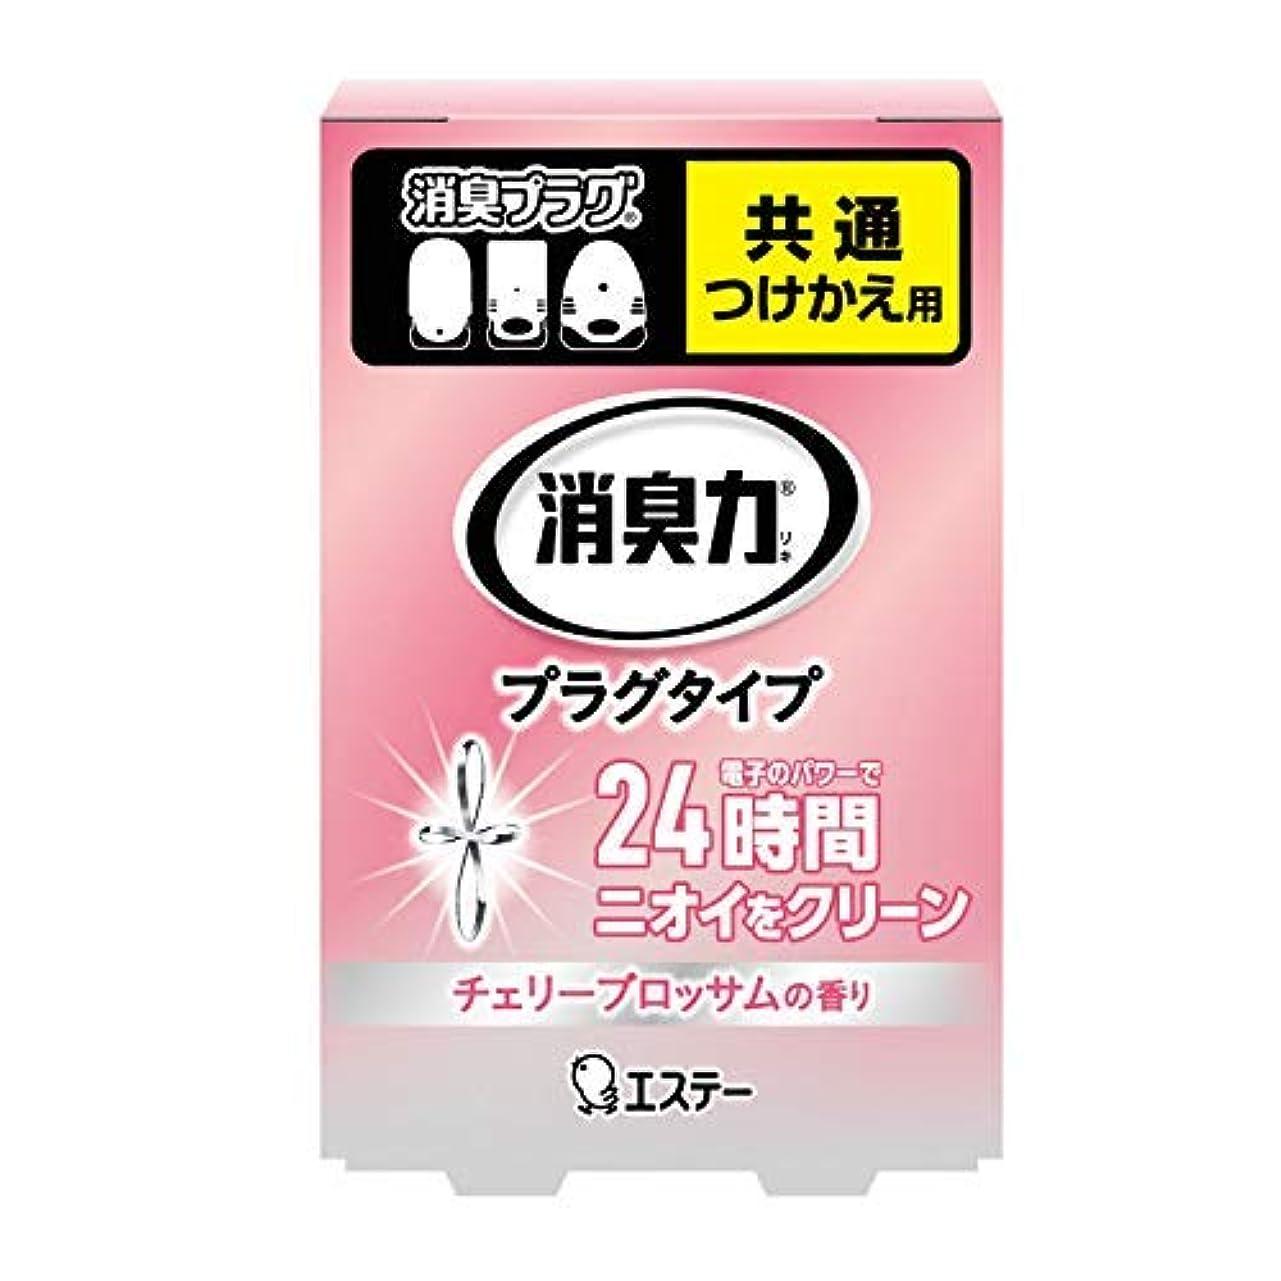 してはいけませんシンク突然【まとめ買い】消臭力 プラグタイプ 消臭芳香剤 部屋 部屋用 つけかえ 華やかなチェリーブロッサムの香り 20ml ×15個